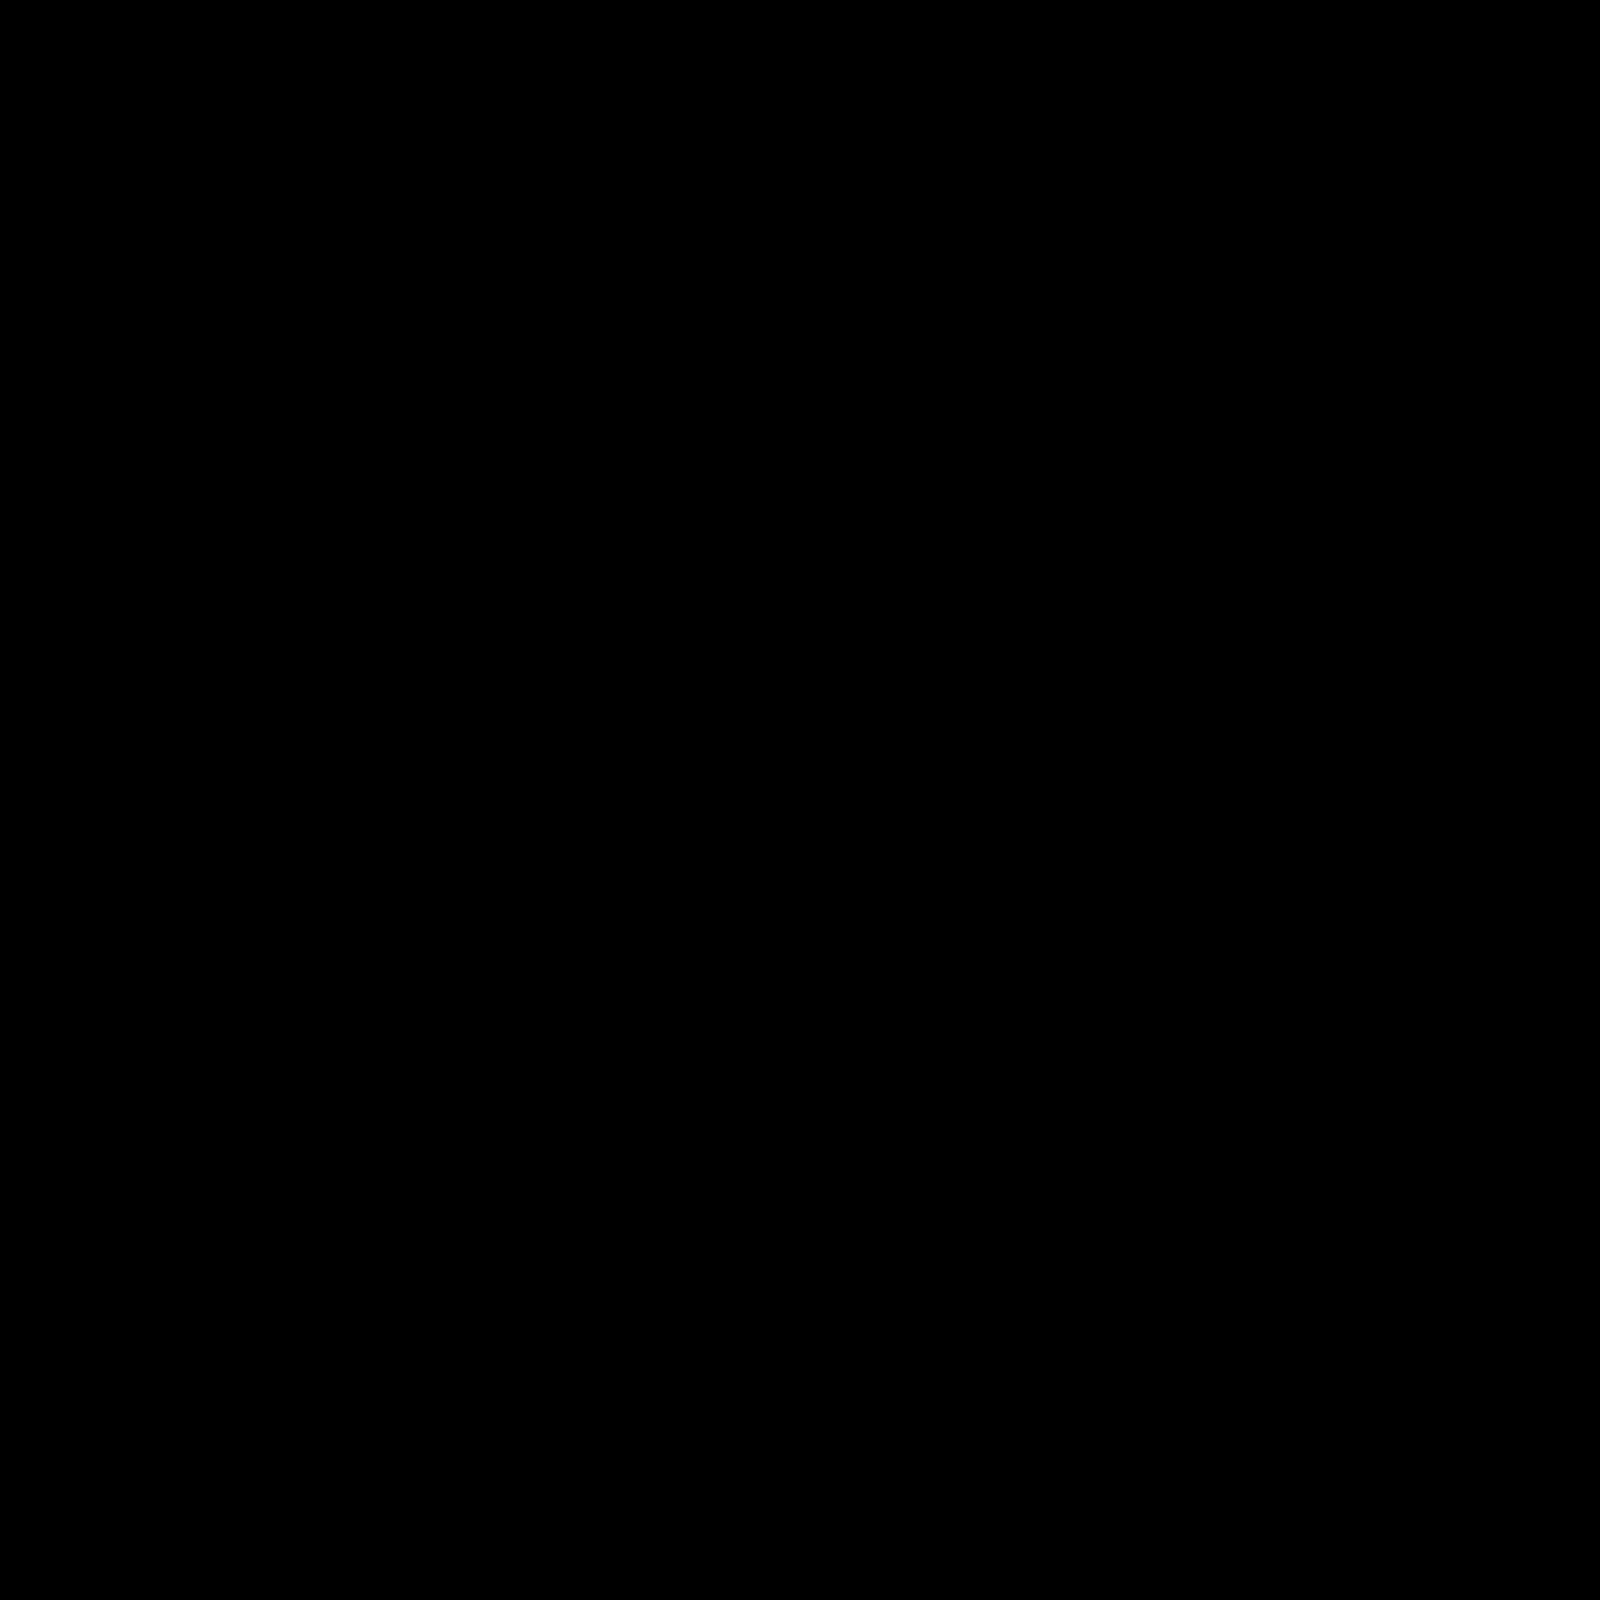 כוכב [+₪ 5.00]